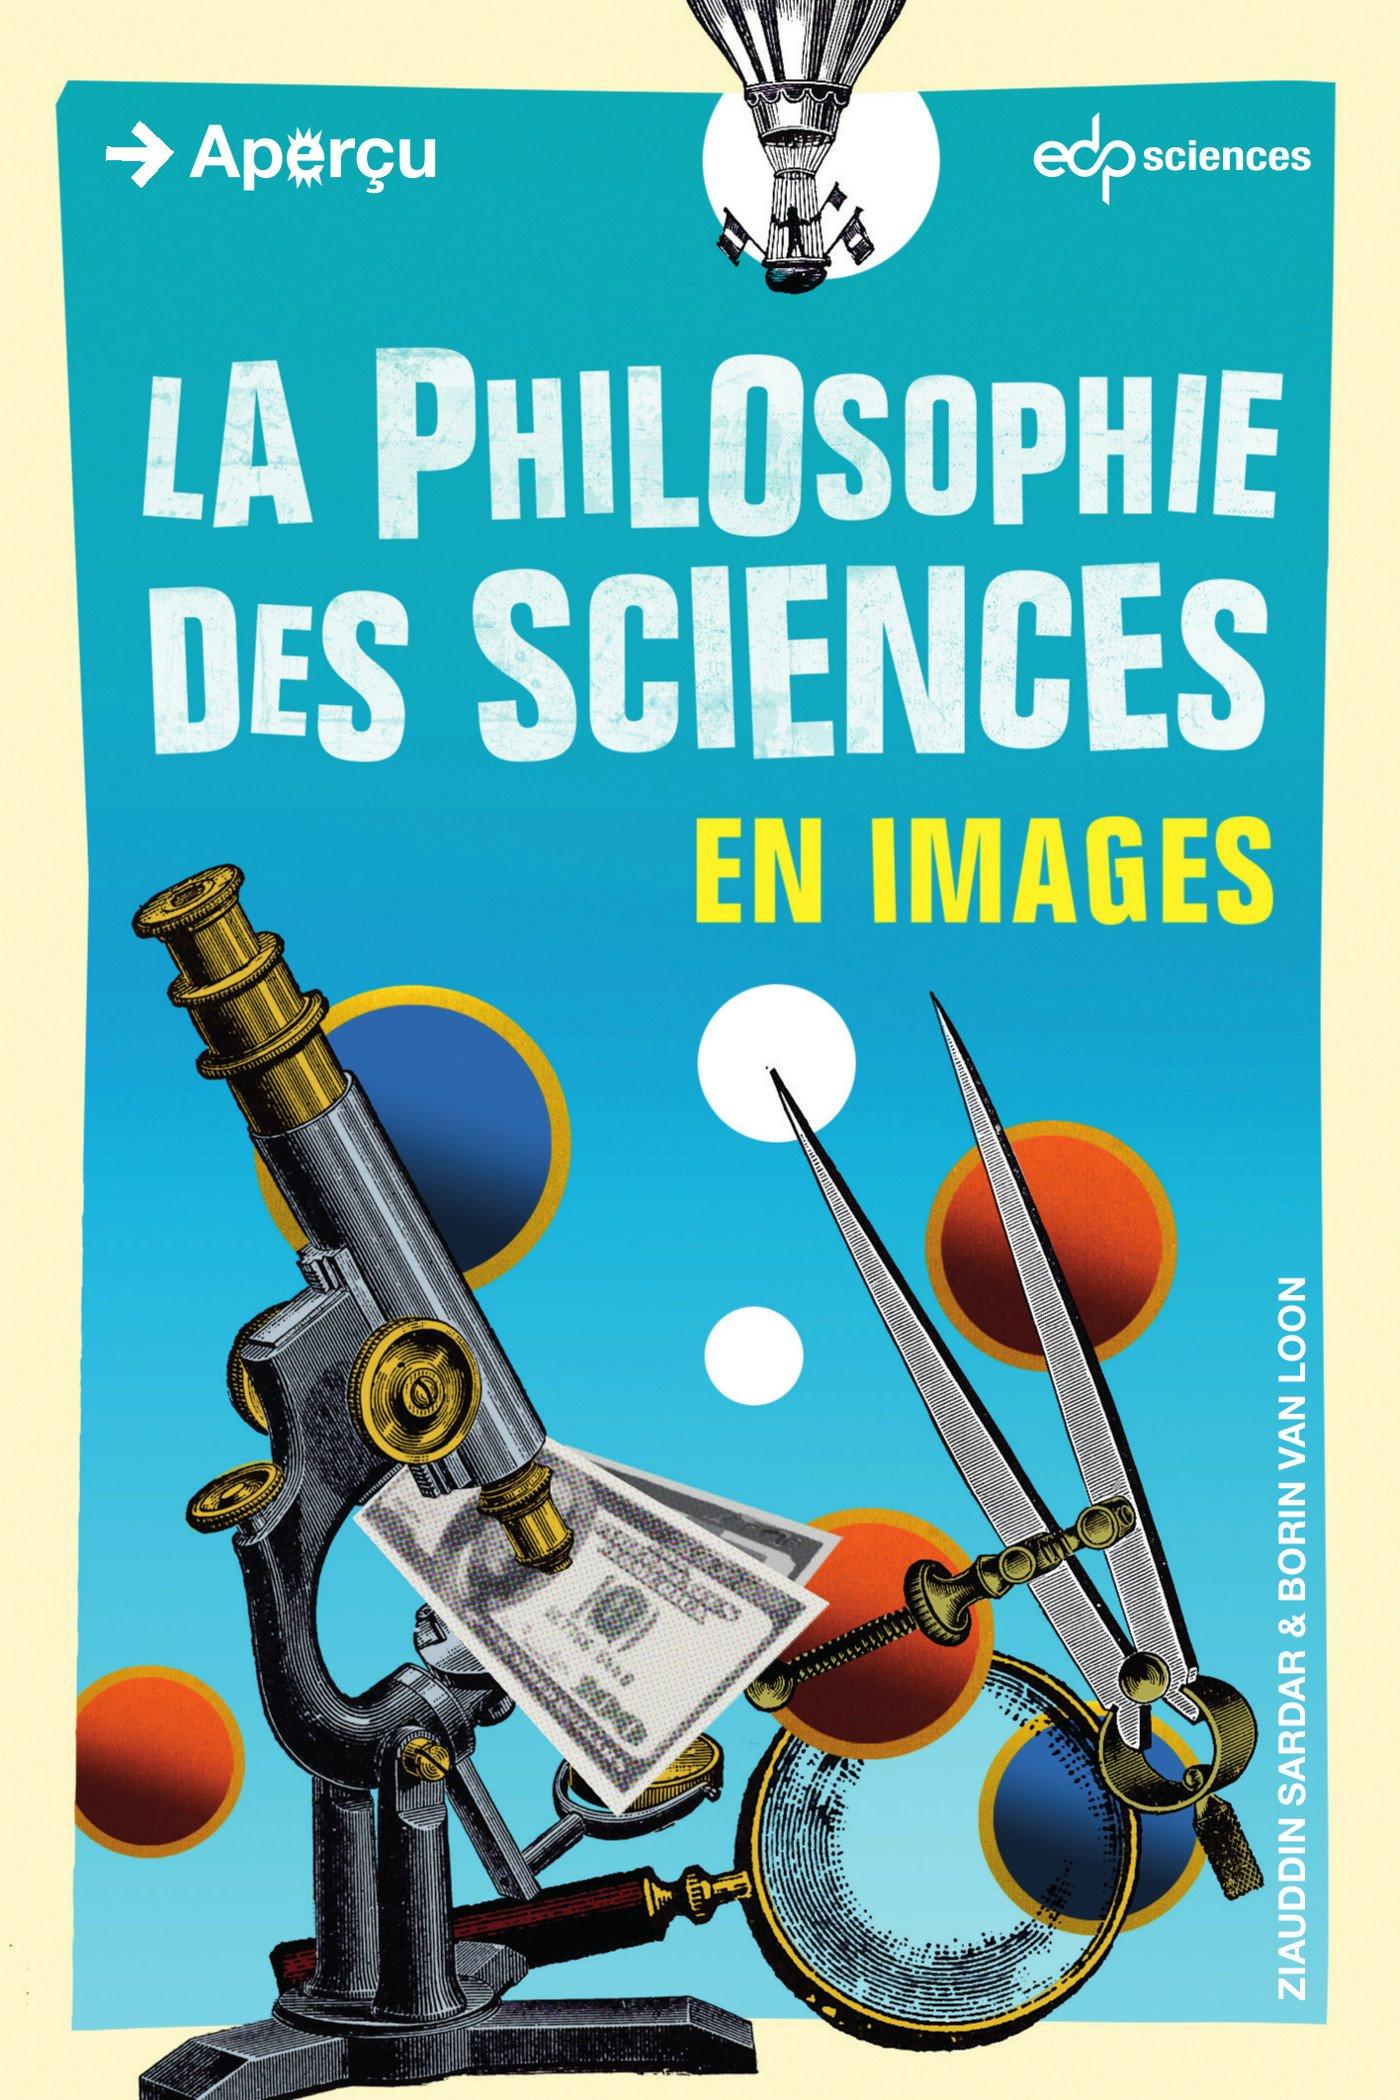 télécharger LA PHILOSOPHIE DES SCIENCES EN IMAGES